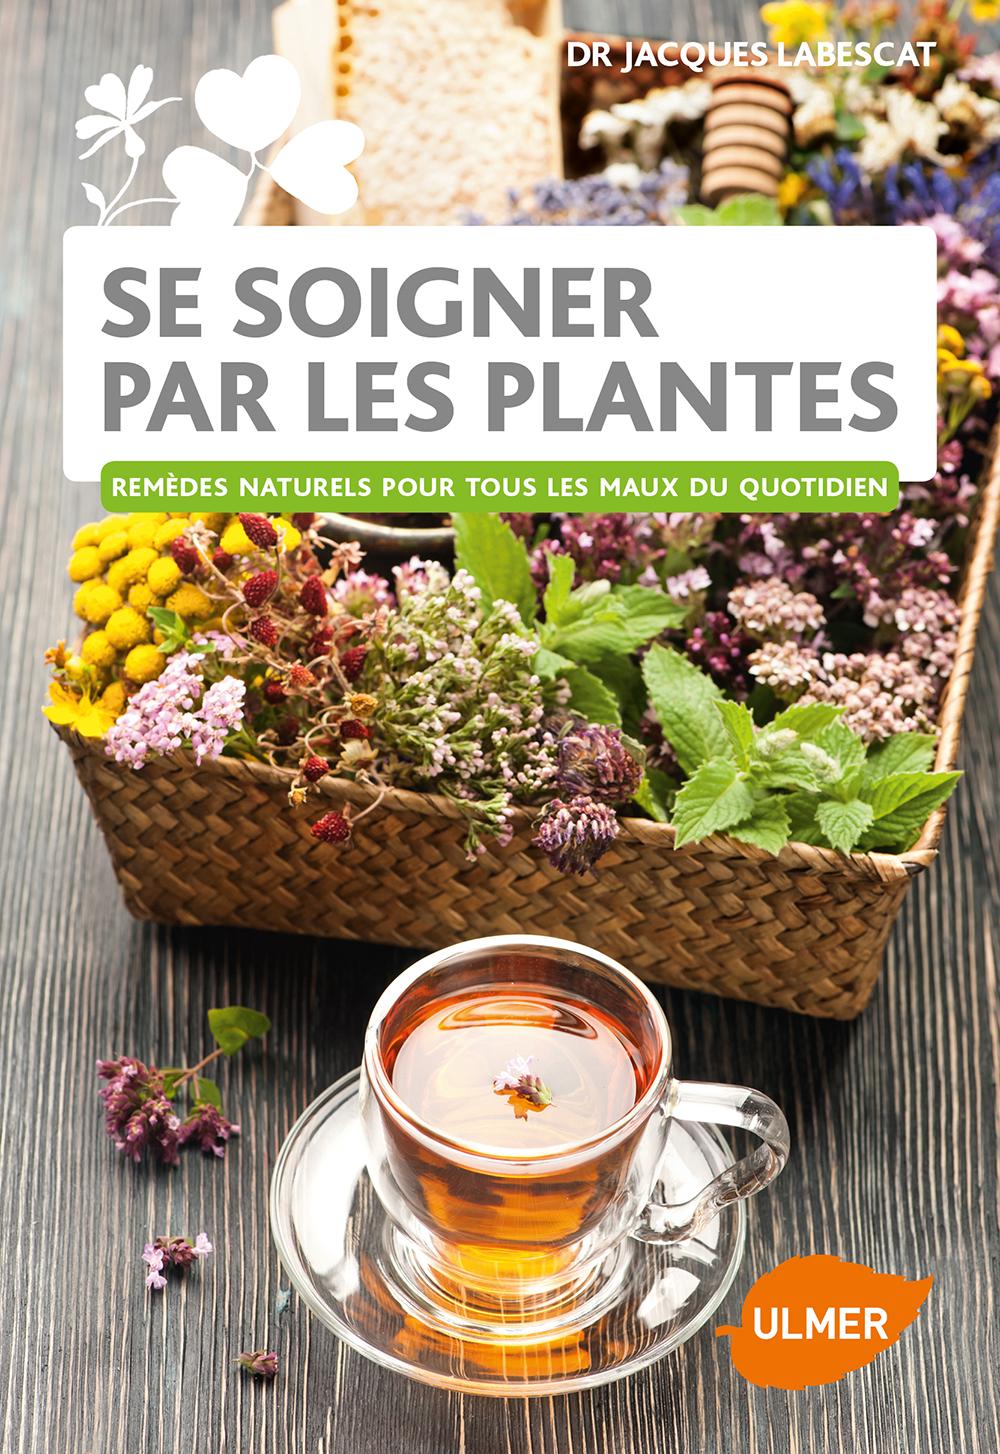 Soigner par les plantes le blog du docteur jacques labescat for Conseil sur les plantes